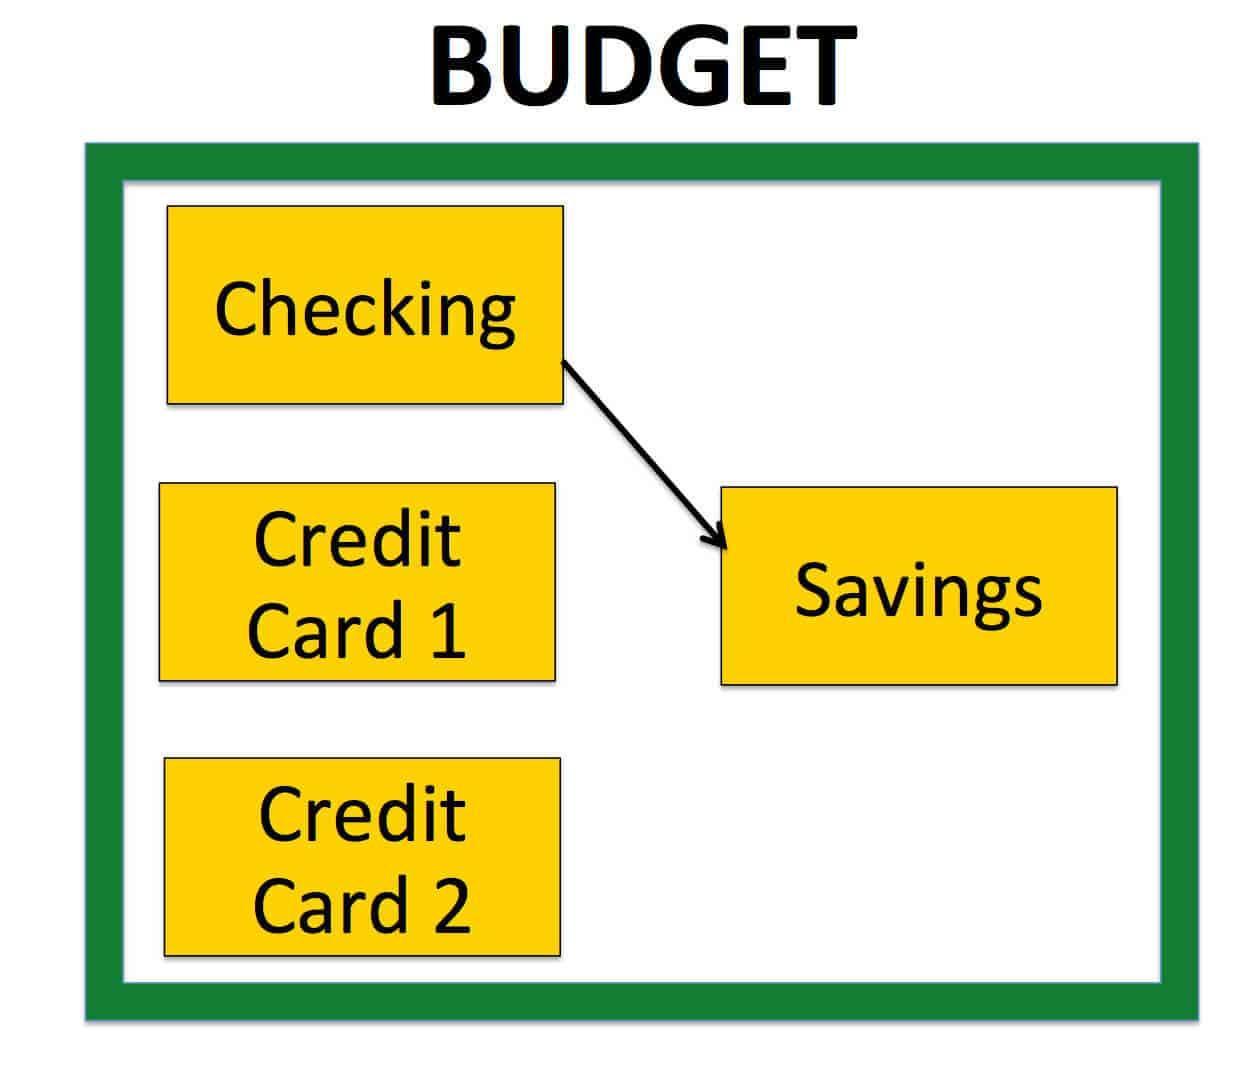 YNAB Budget Account Flow Diagram